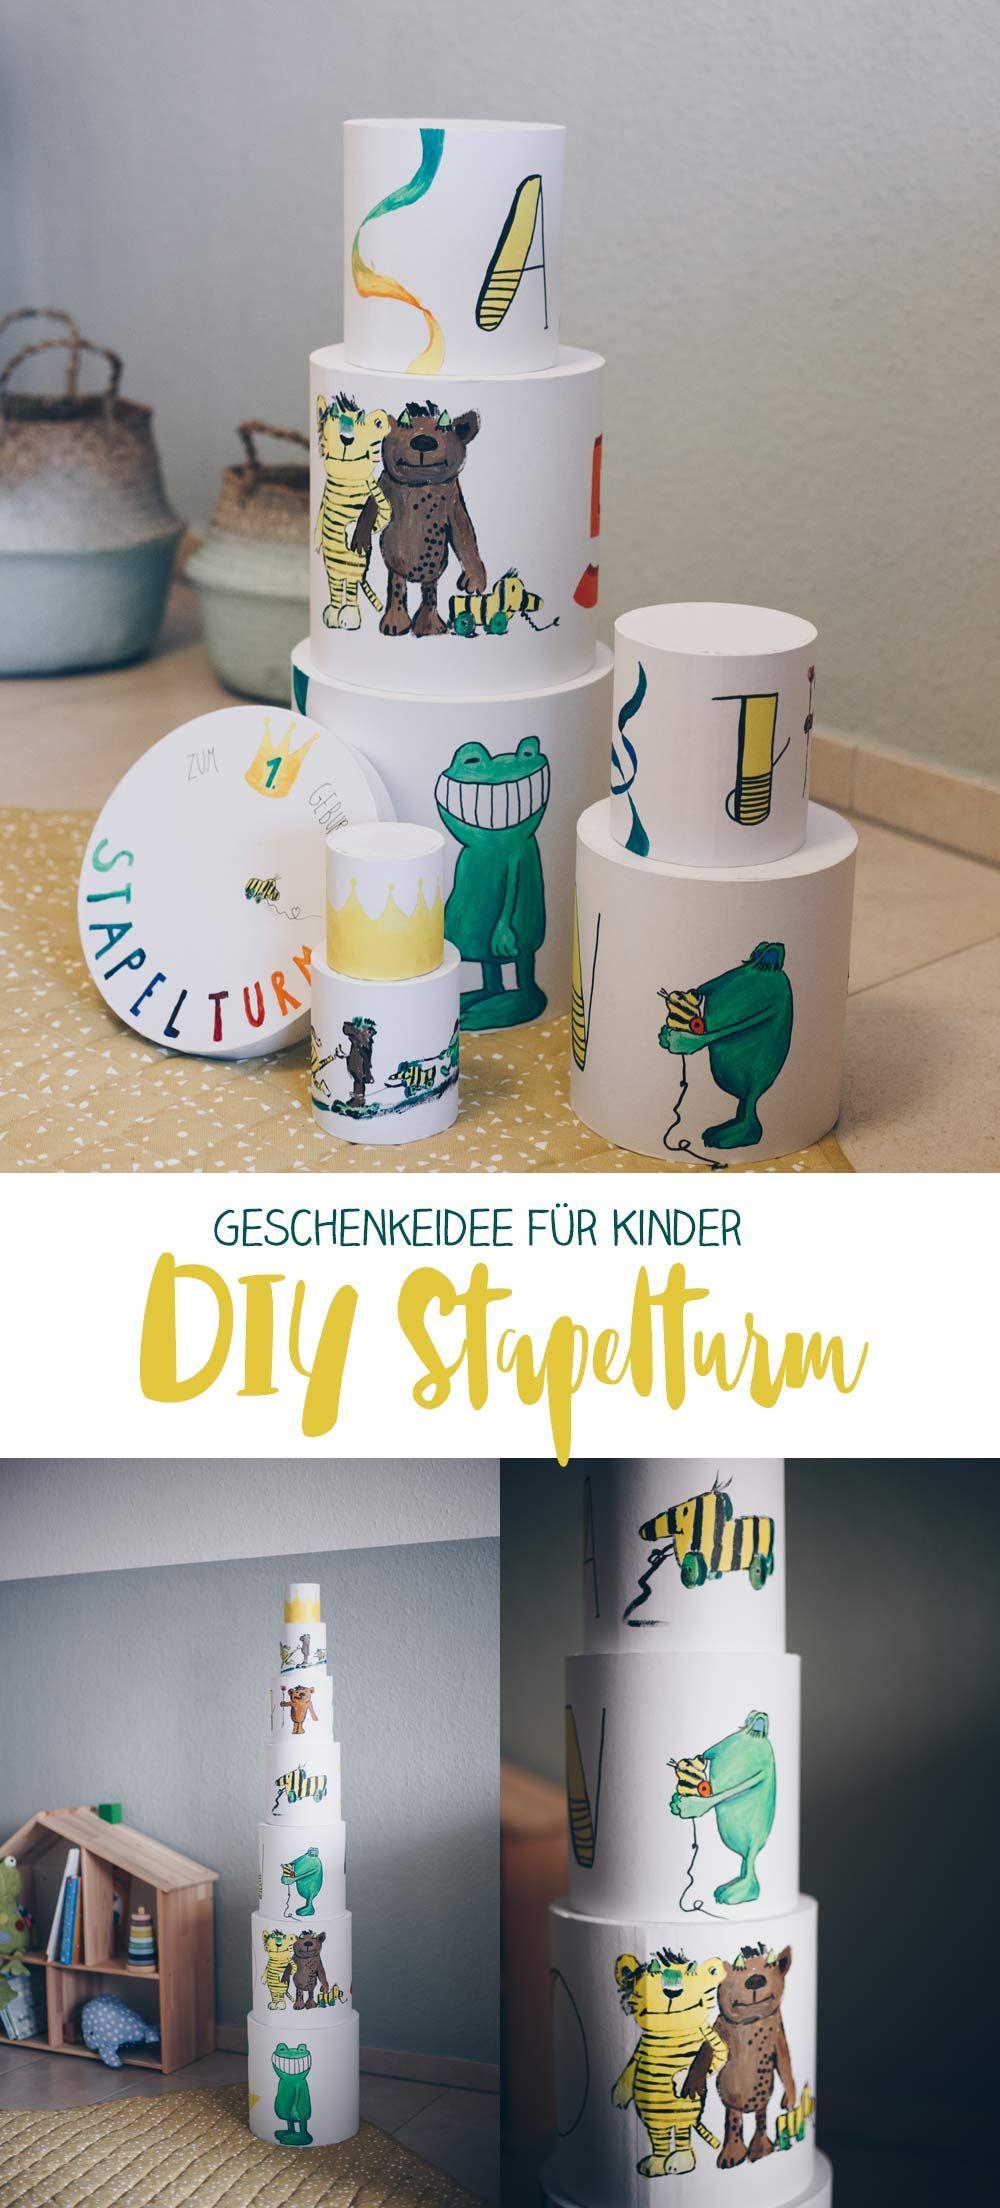 Diy Stapelturm Geschenkidee Fur Kleinkinder Geschenk Zum 1